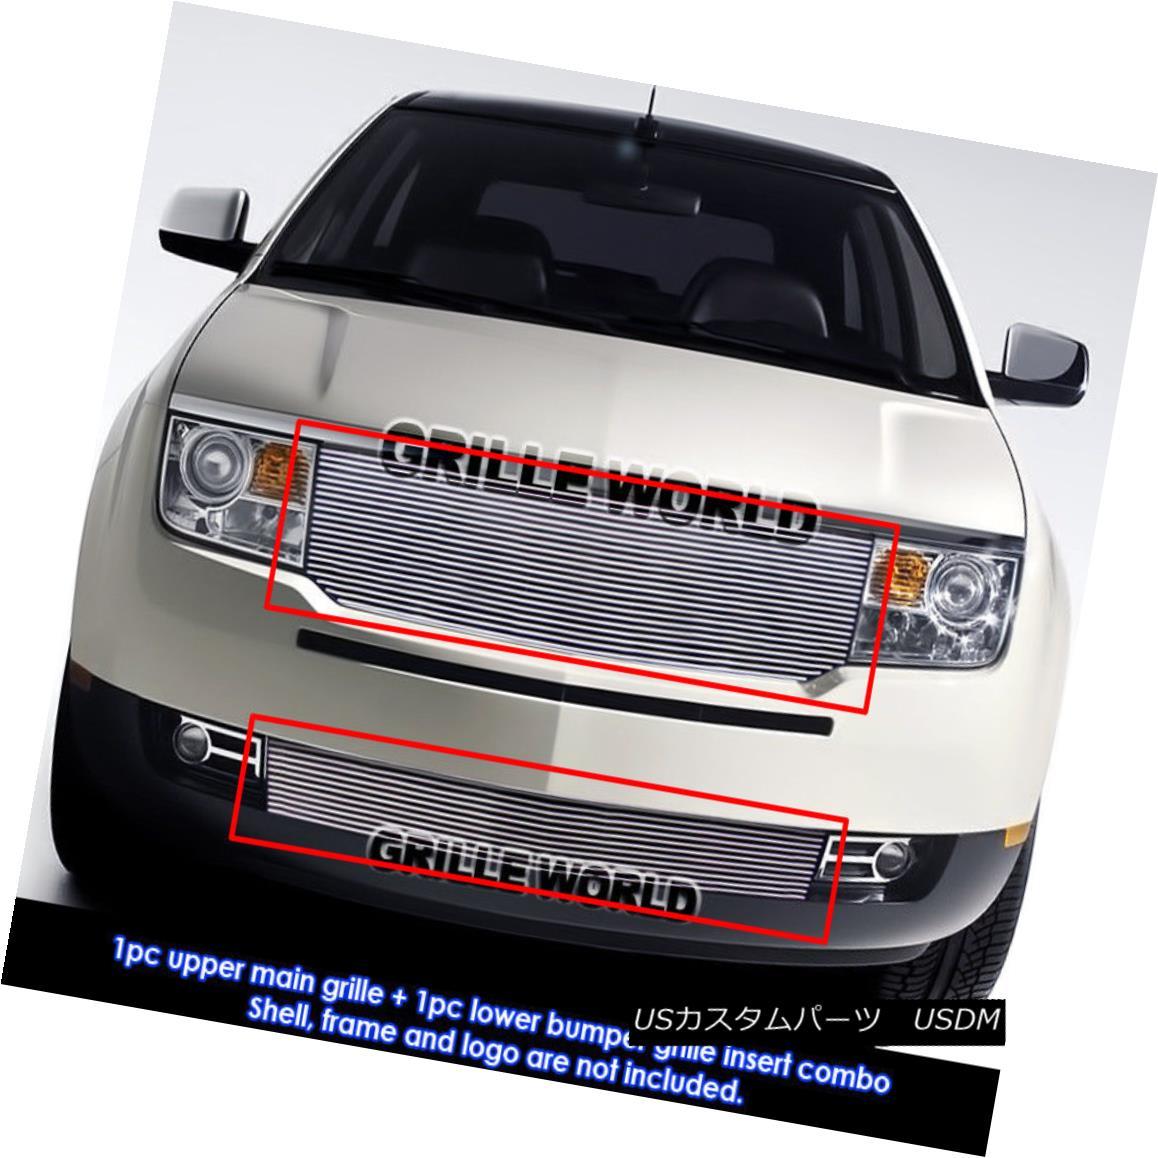 グリル For 07-10 Lincoln MKX Billet Grille Combo Insert 07-10リンカーンMKXビレットグリルコンボインサート